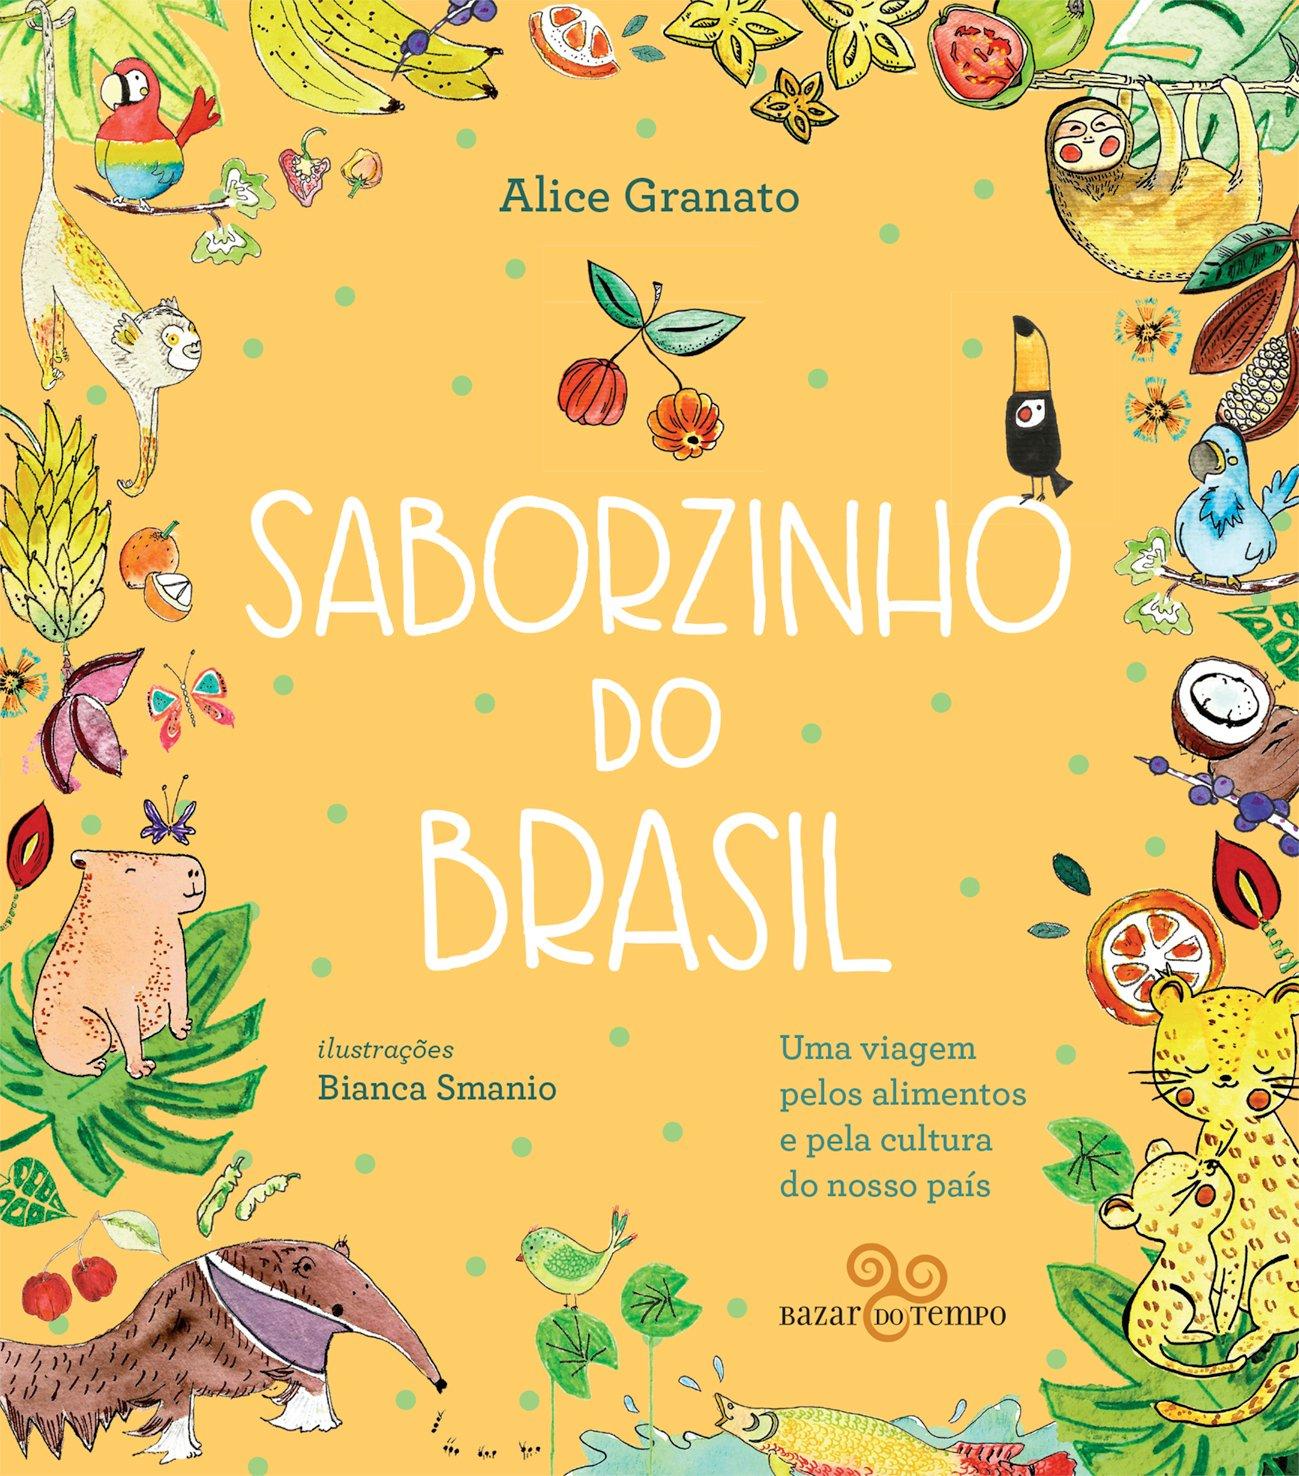 Saborzinho do Brasil - Norte, livro de Alice Granato